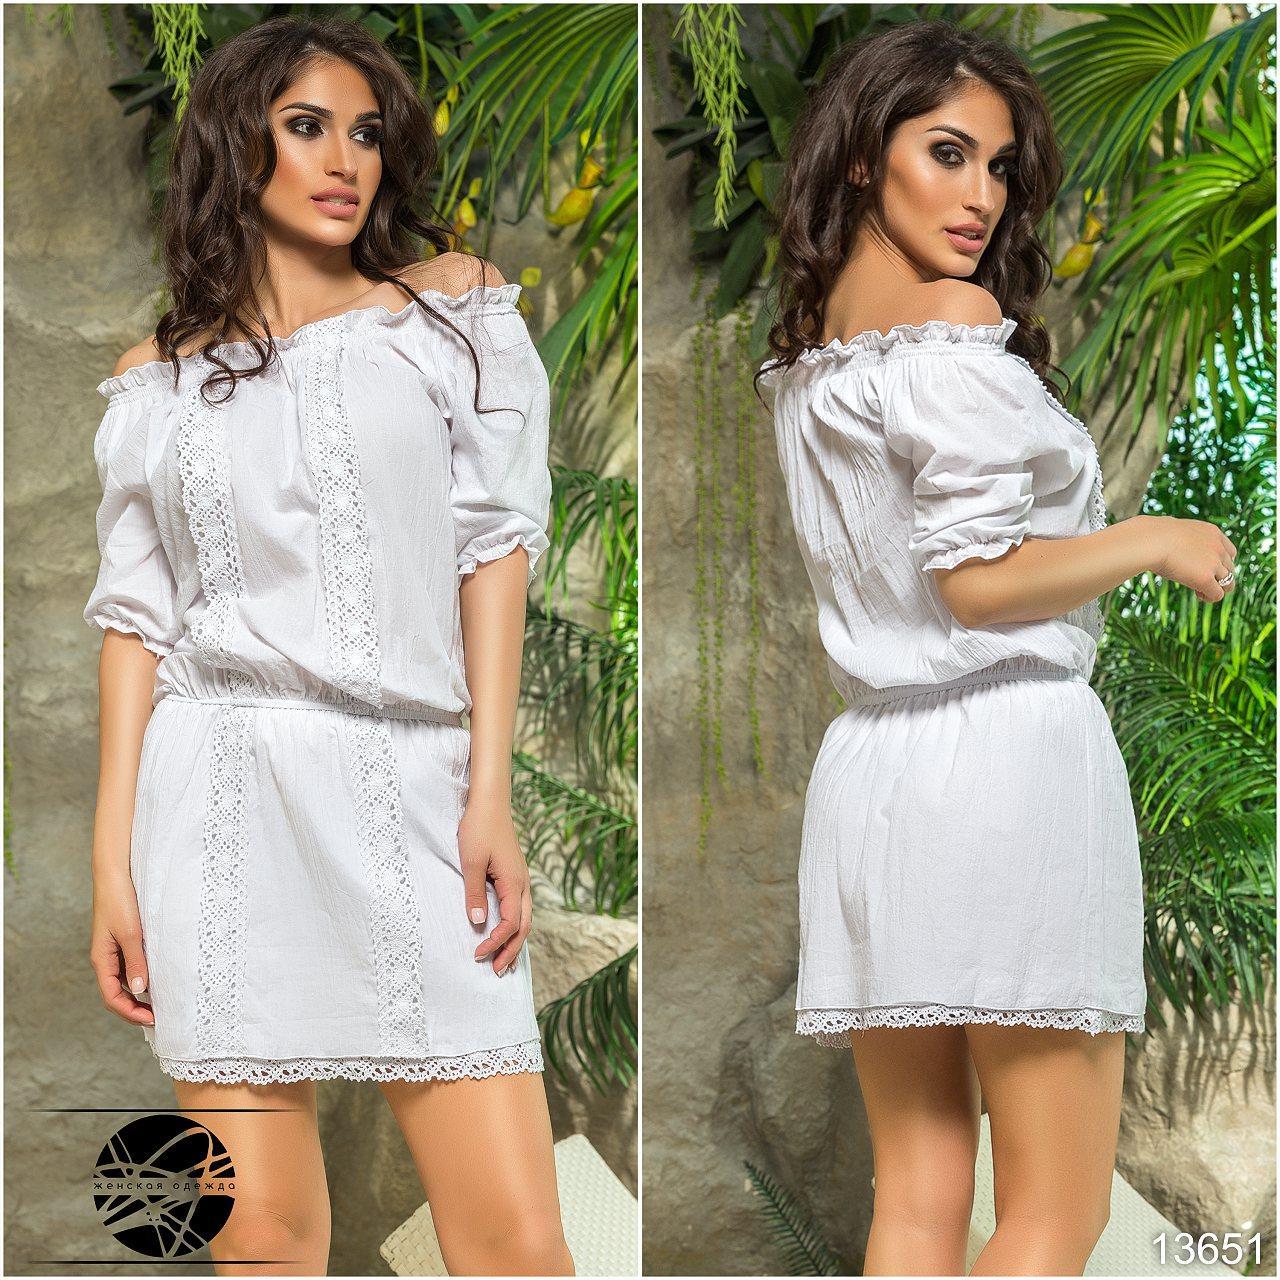 9a3e7c28ccc Купить Белое летнее платье с кружевом. Модель 13651. в Одессе